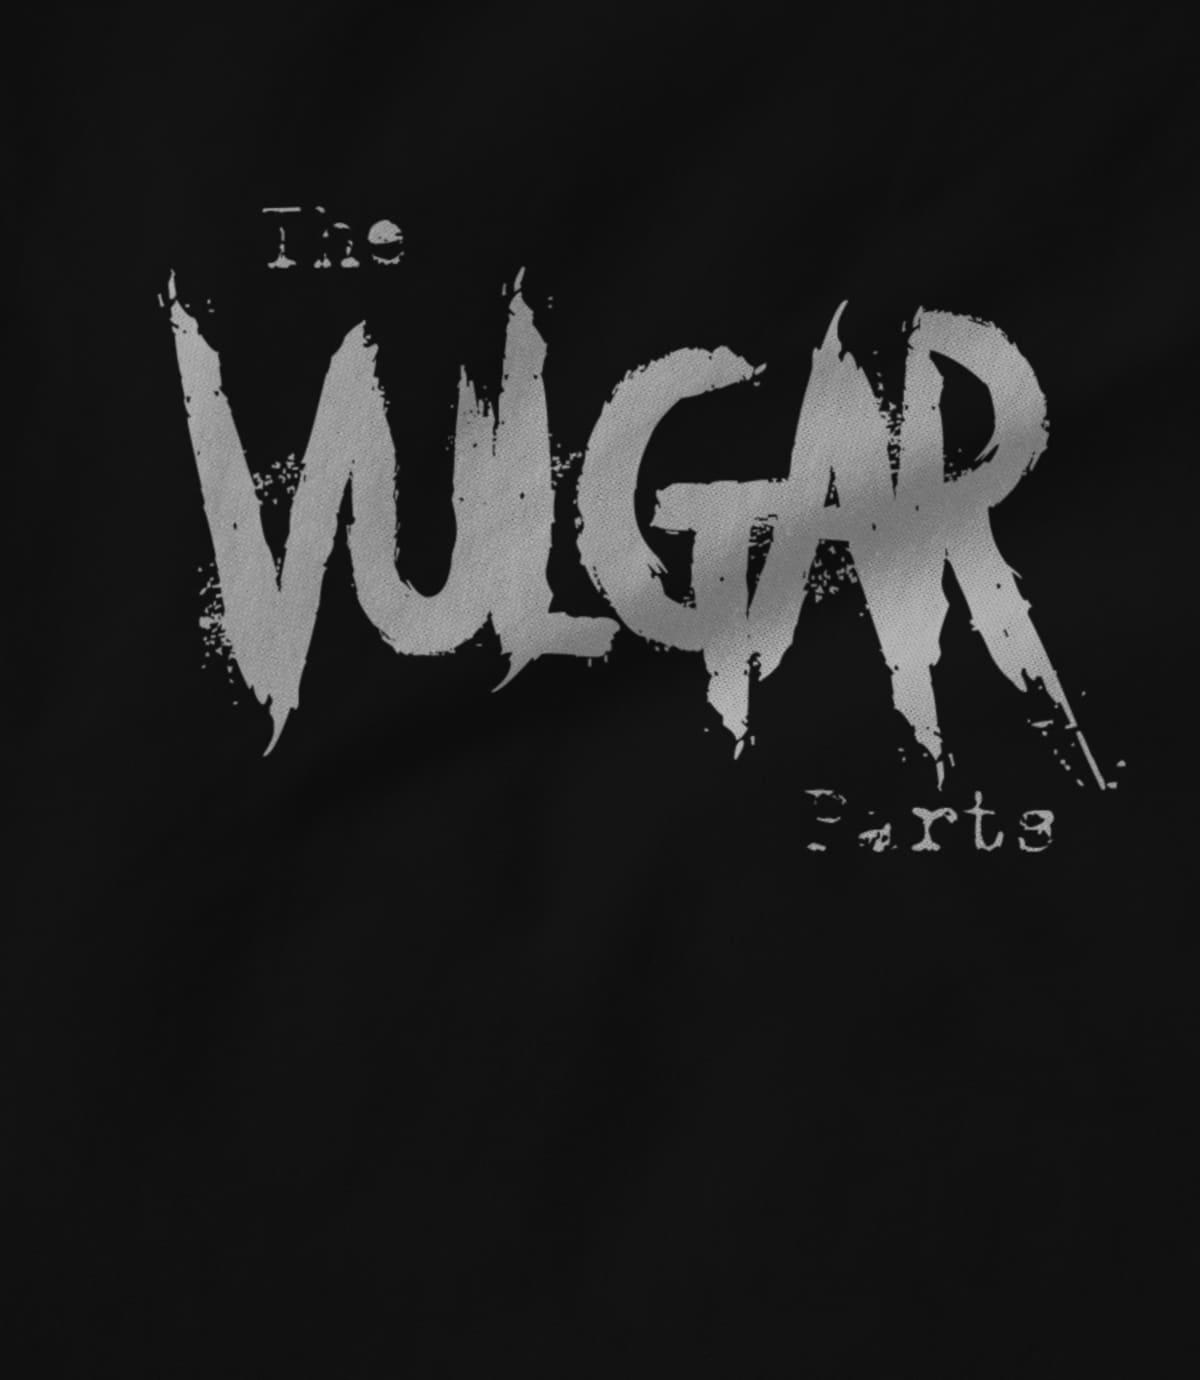 The Vulgar Parts V3